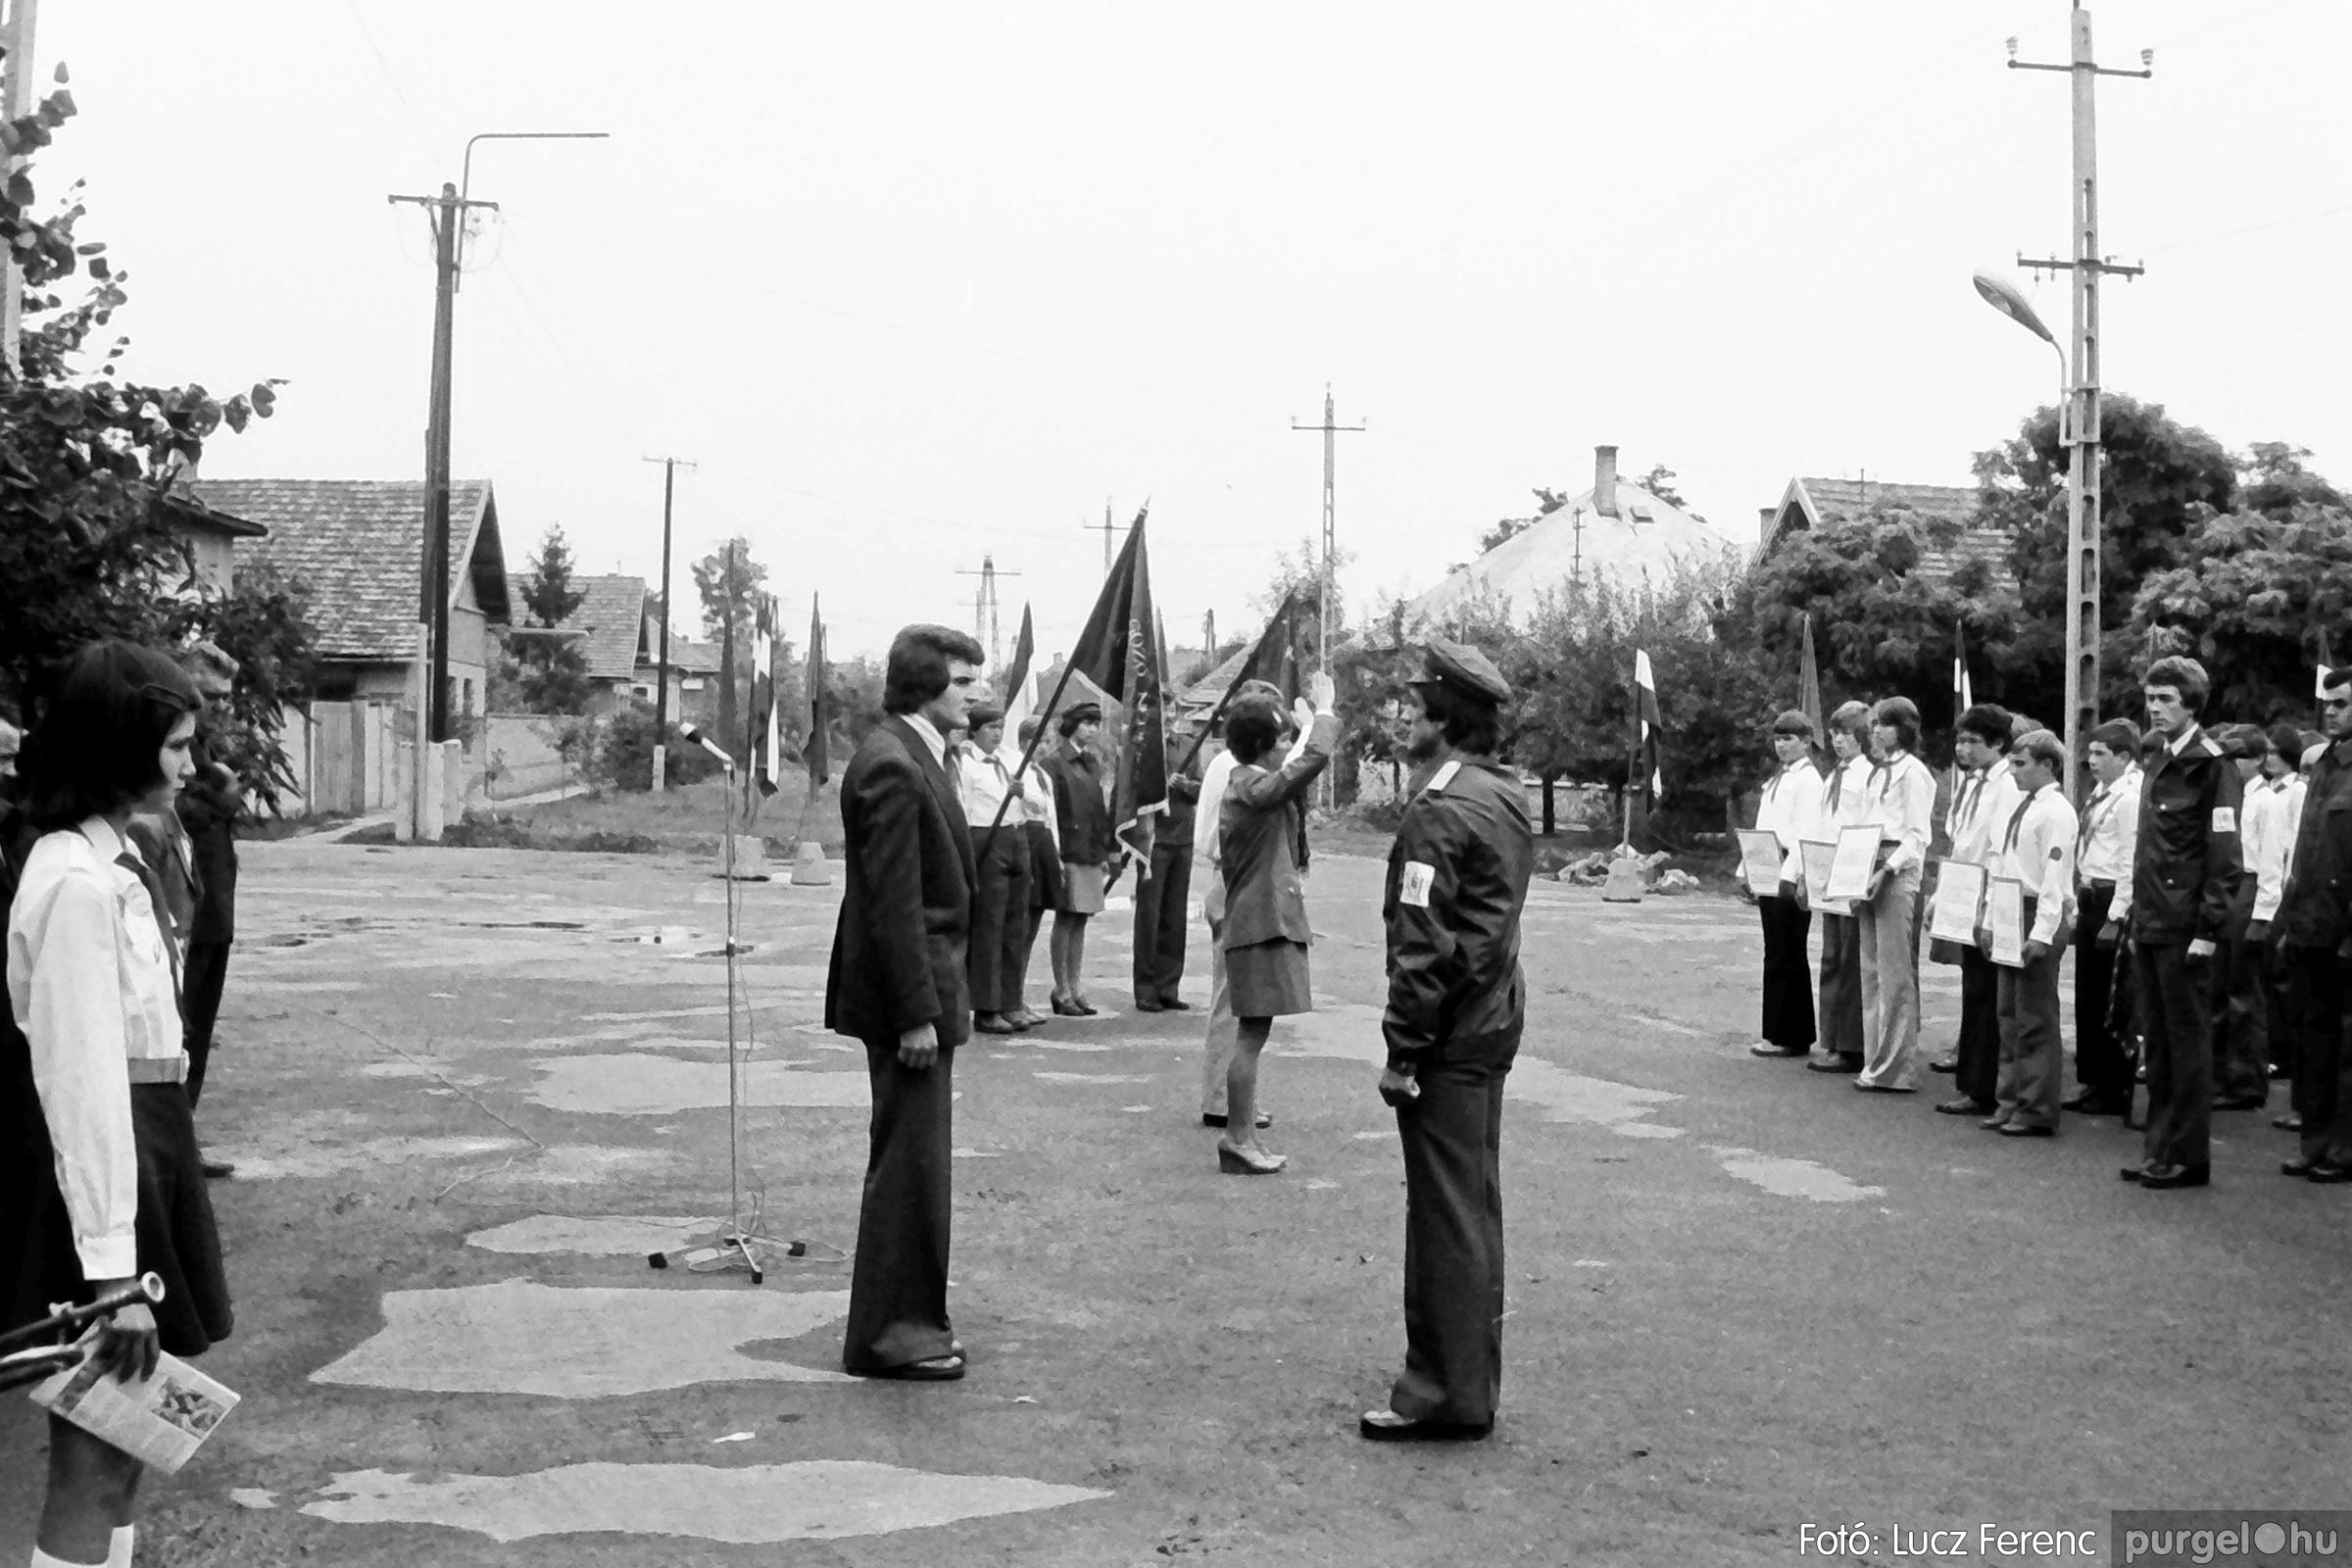 090. 1977. Úttörő gárda - ifjú gárda seregszemle 018. - Fotó: Lucz Ferenc.jpg